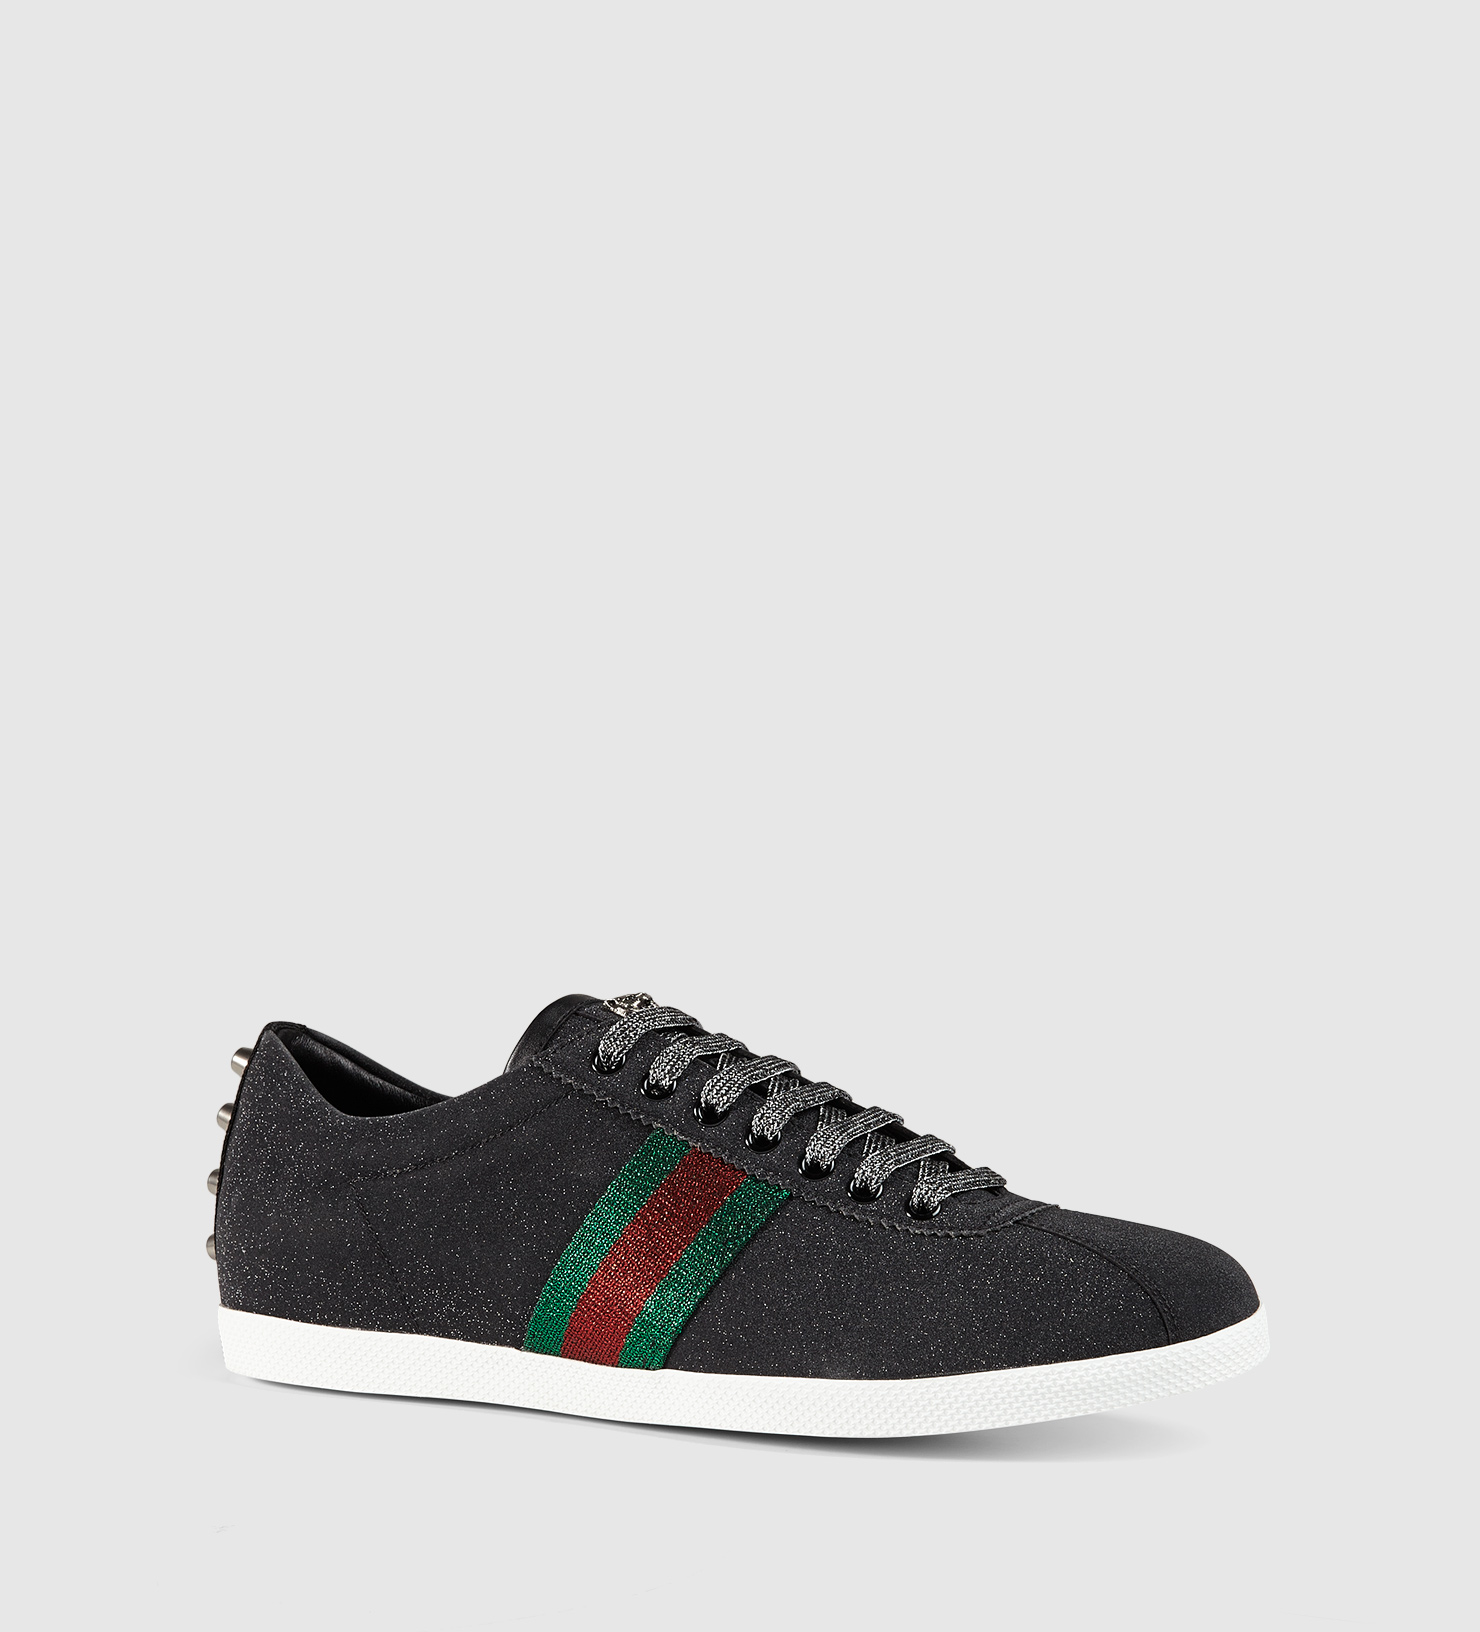 5a6a8543b9ca Lyst - Gucci Glitter Web Sneaker in Black for Men